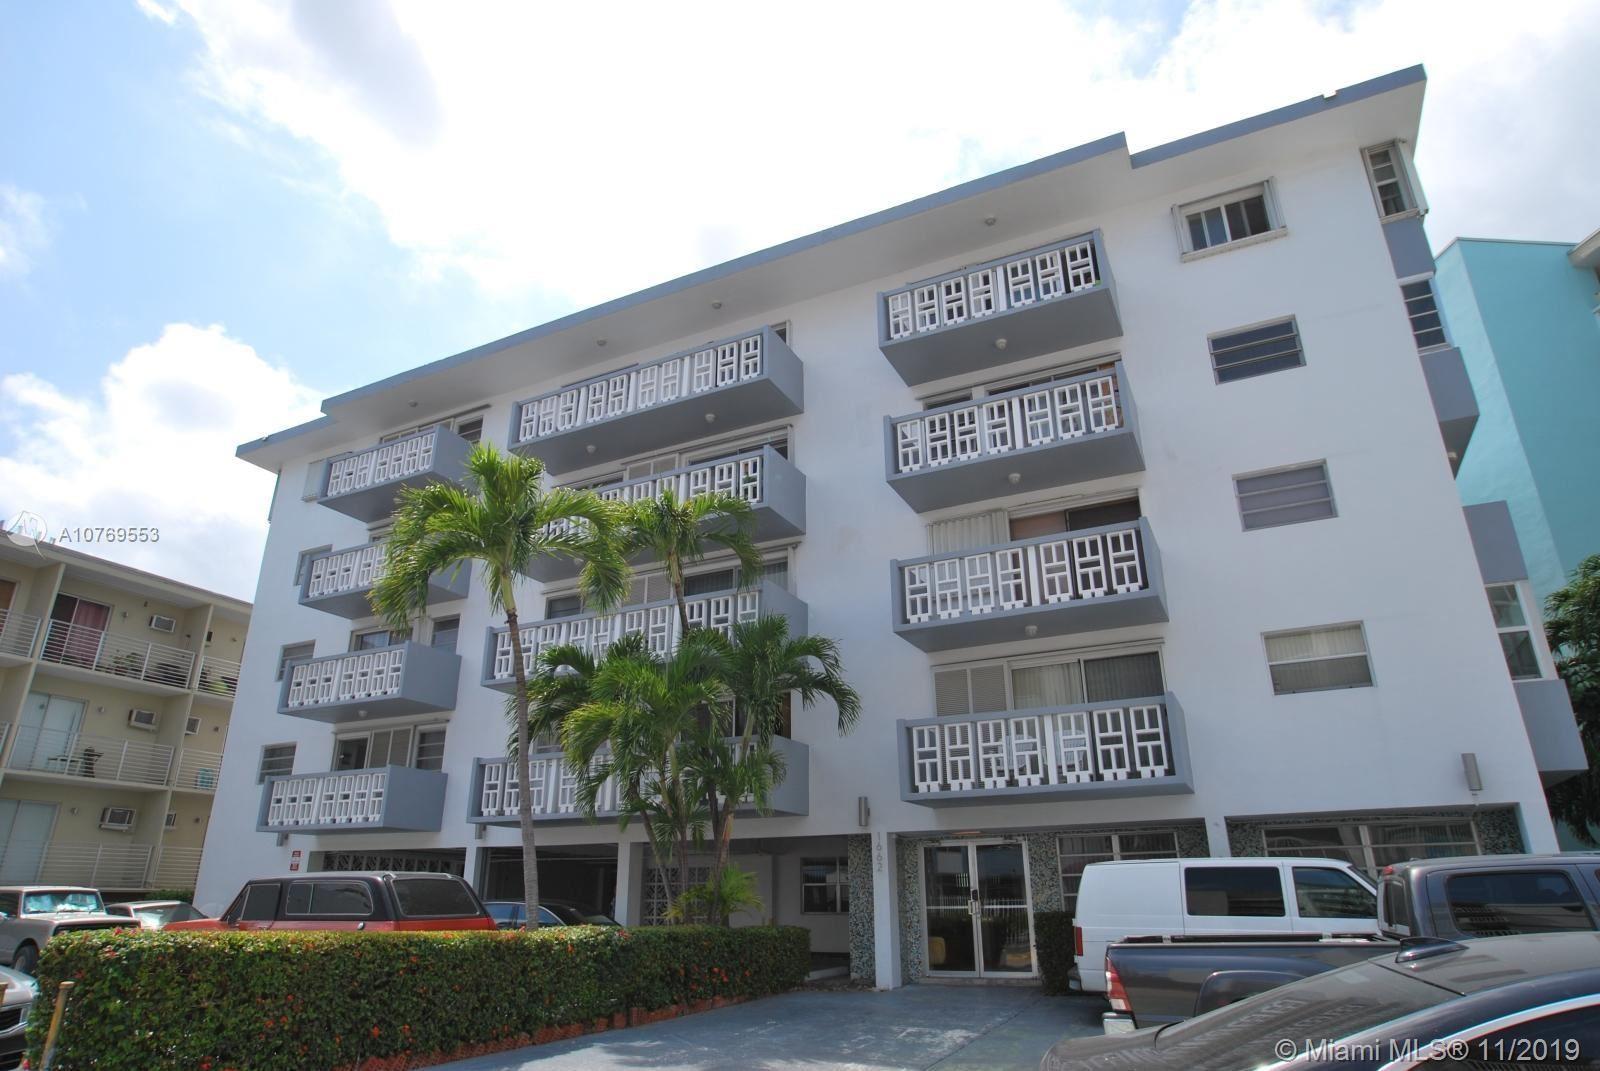 1662 Lincoln Ct #402, Miami Beach, FL 33139 - #: A10769553